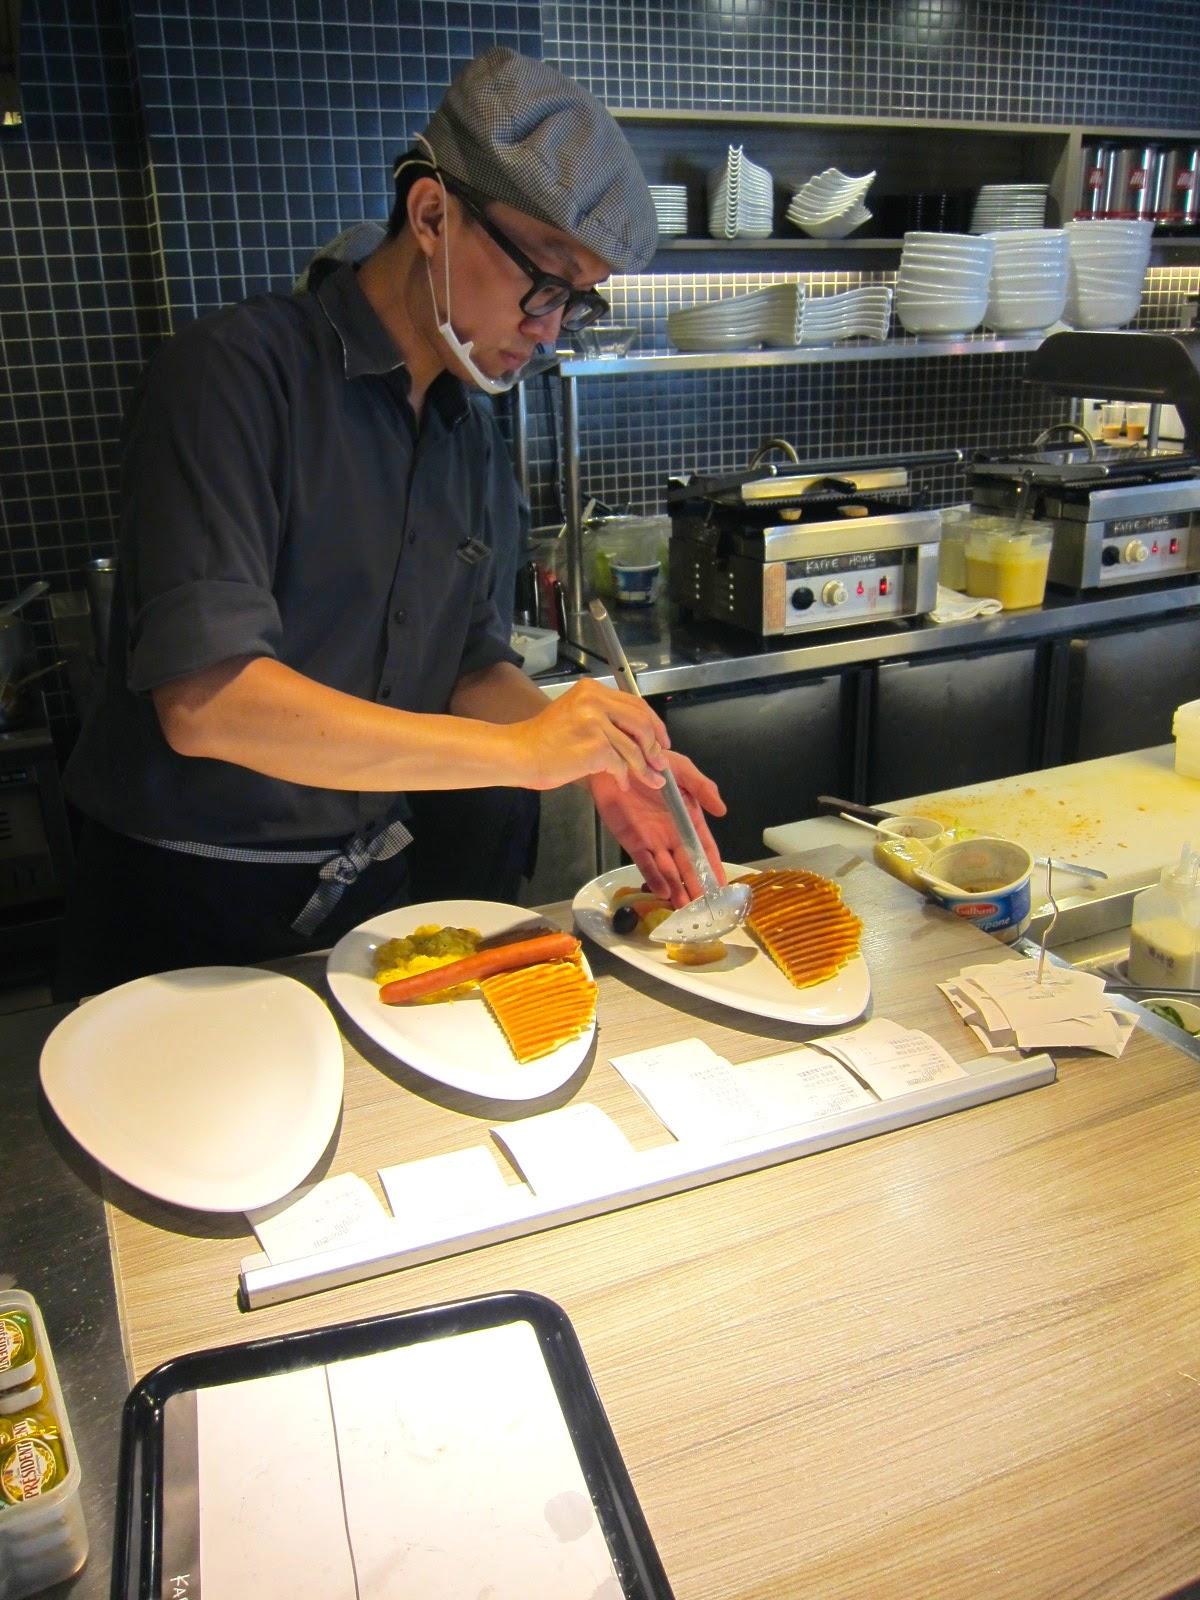 絲黛小姐 S: 【臺南市 東區 / KAFFE@HOME】臺南第一學府旁的氣氛早午餐。沙拉好好吃~